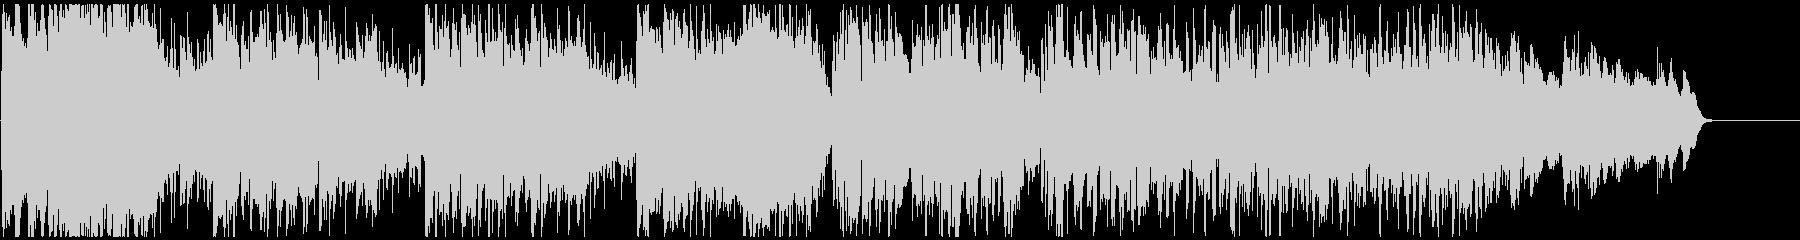 怪盗系ハードボイルドジャズ ※60秒版の未再生の波形